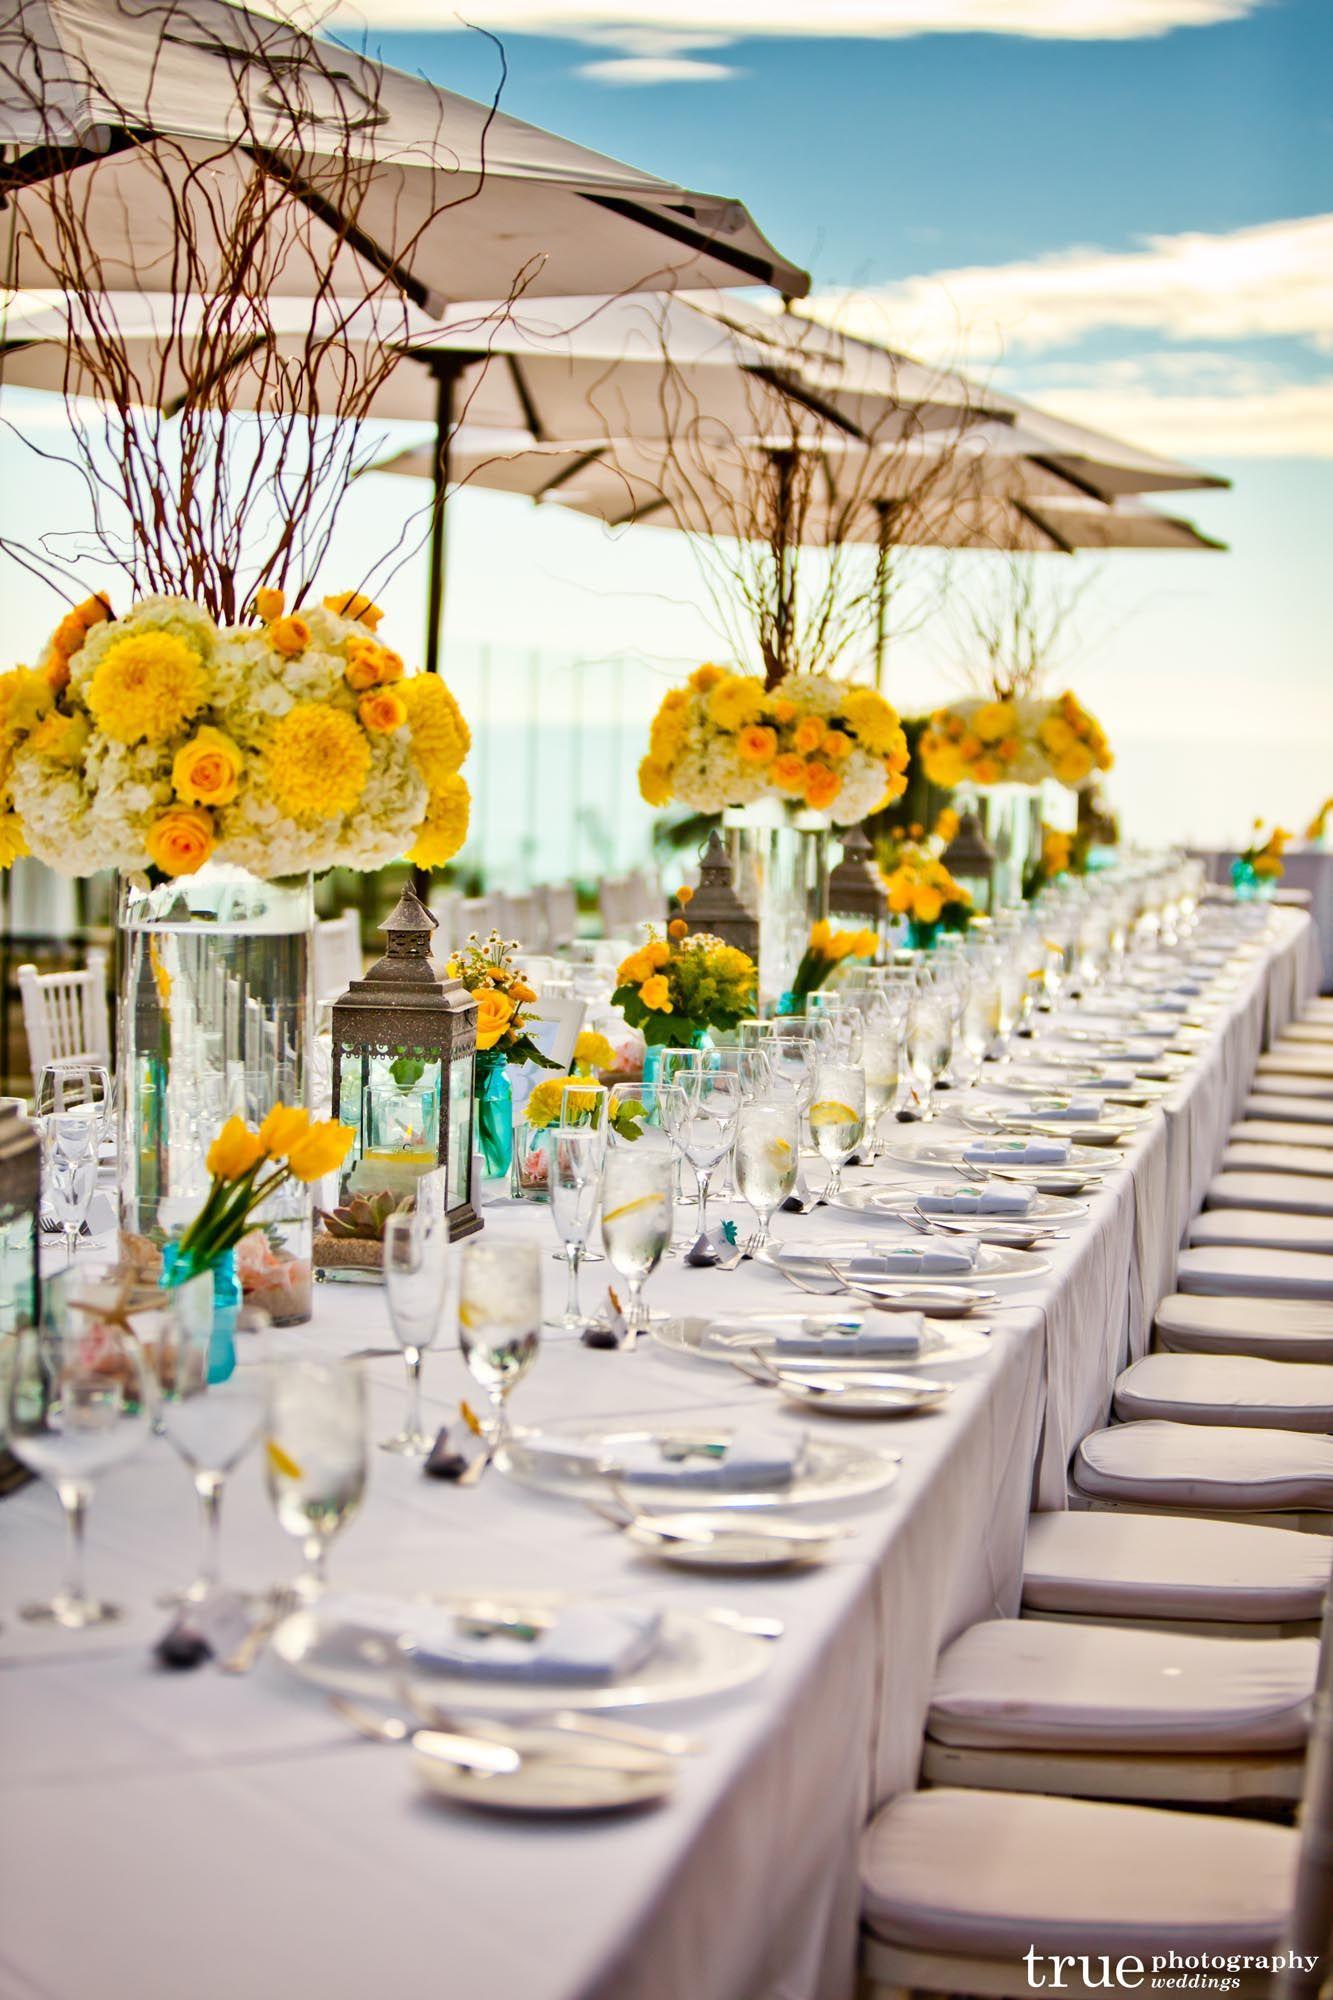 Beach wedding venues in san diego  San Diego Weddings  LuAuberge Del Mar  Weddings  San Diego Beach